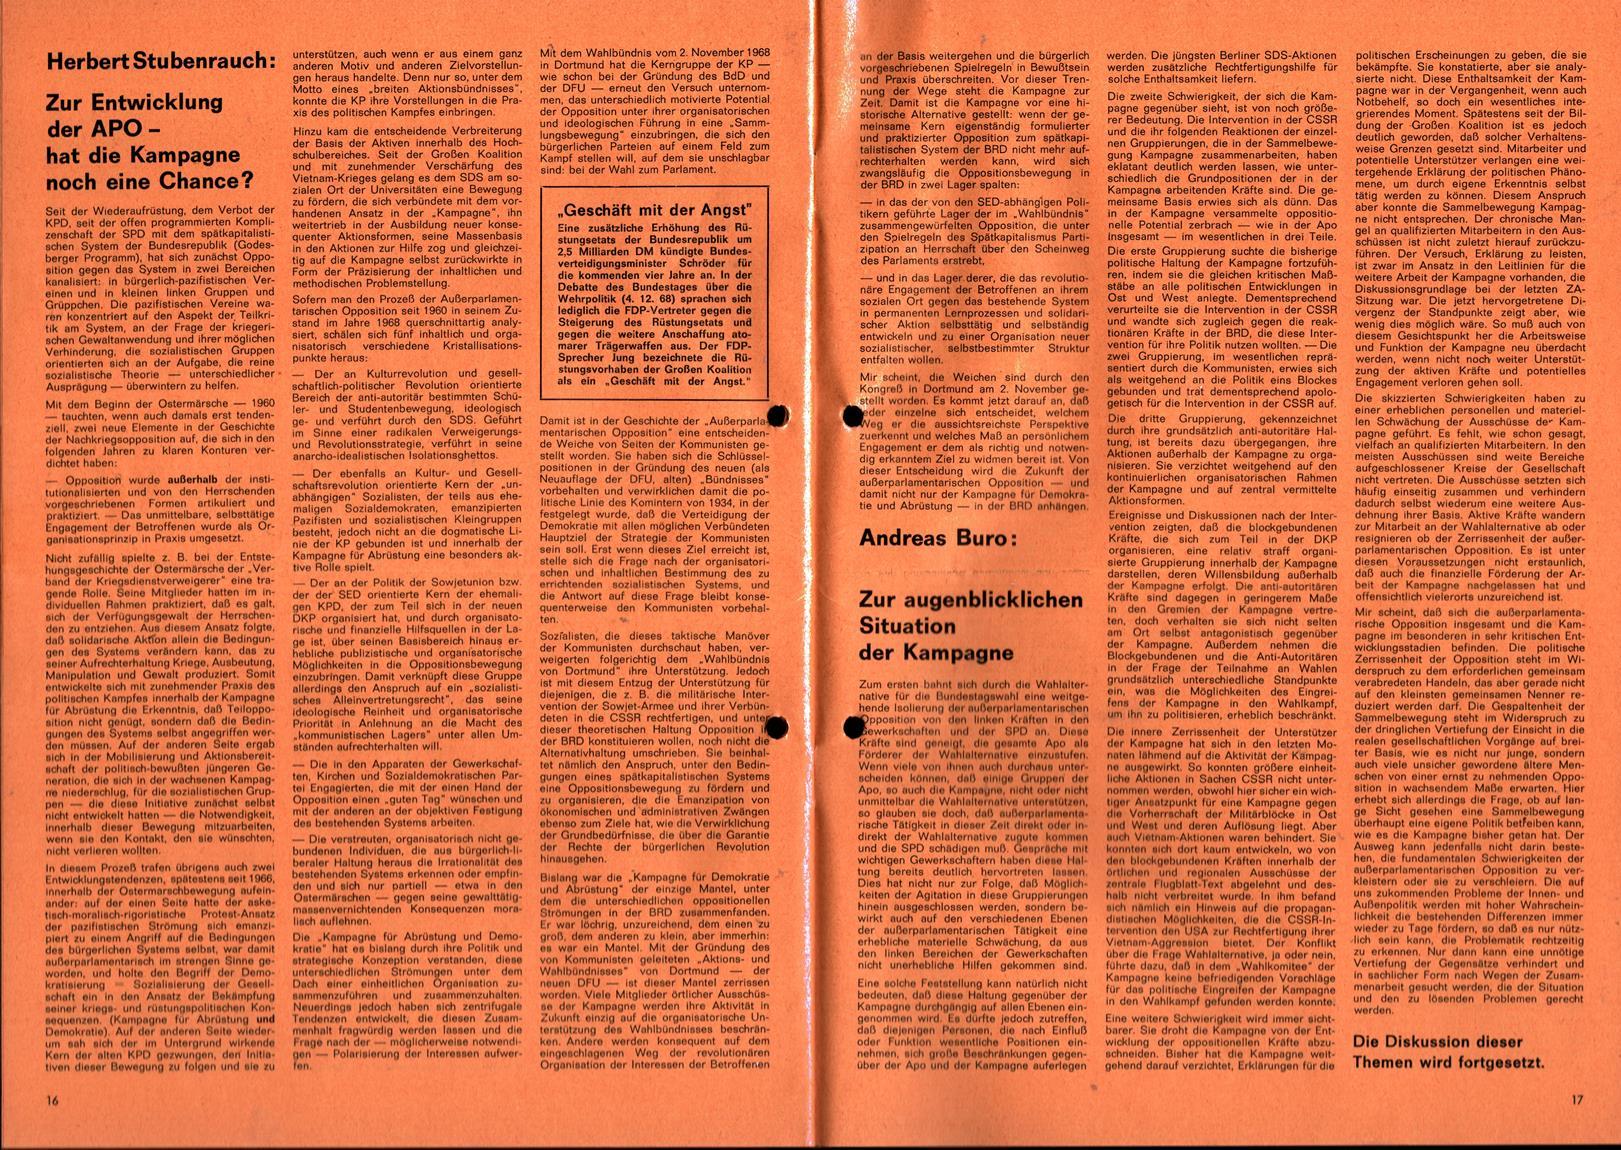 Infos_zur_Abruestung_1968_064_065_009